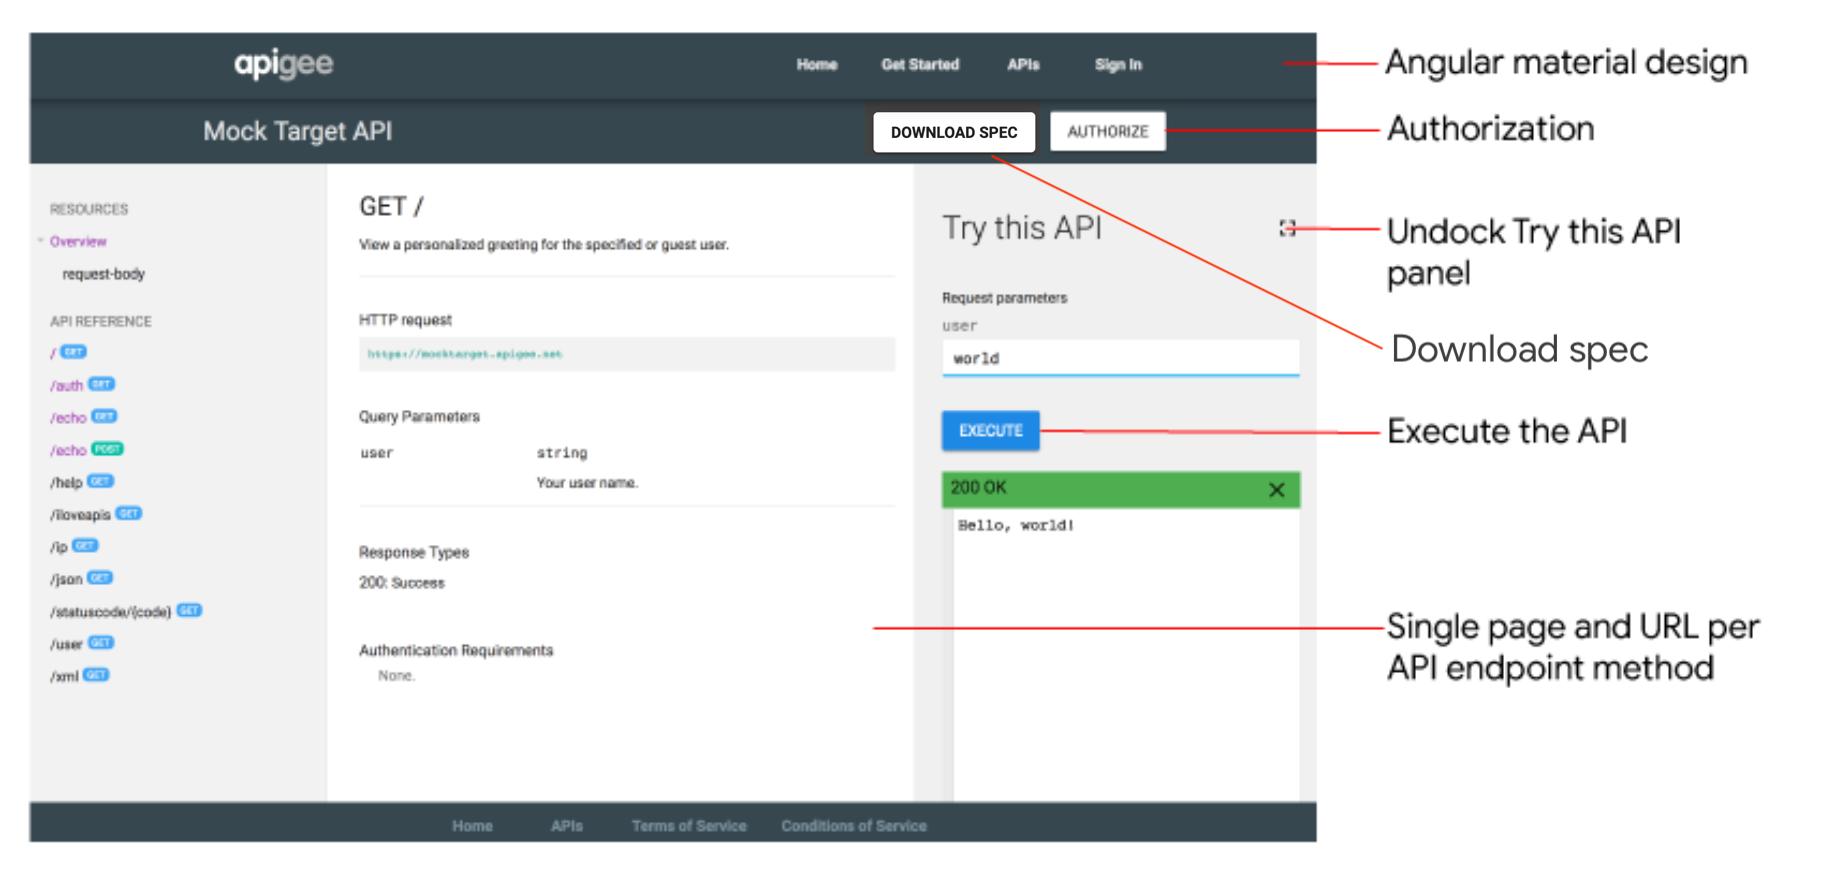 """Página de documentação de referência da API com destaques que mostram como autorizar sua chamada de API, desafixar o painel """"Testar esta API"""", fazer o download de especificações relevantes e executar a API."""